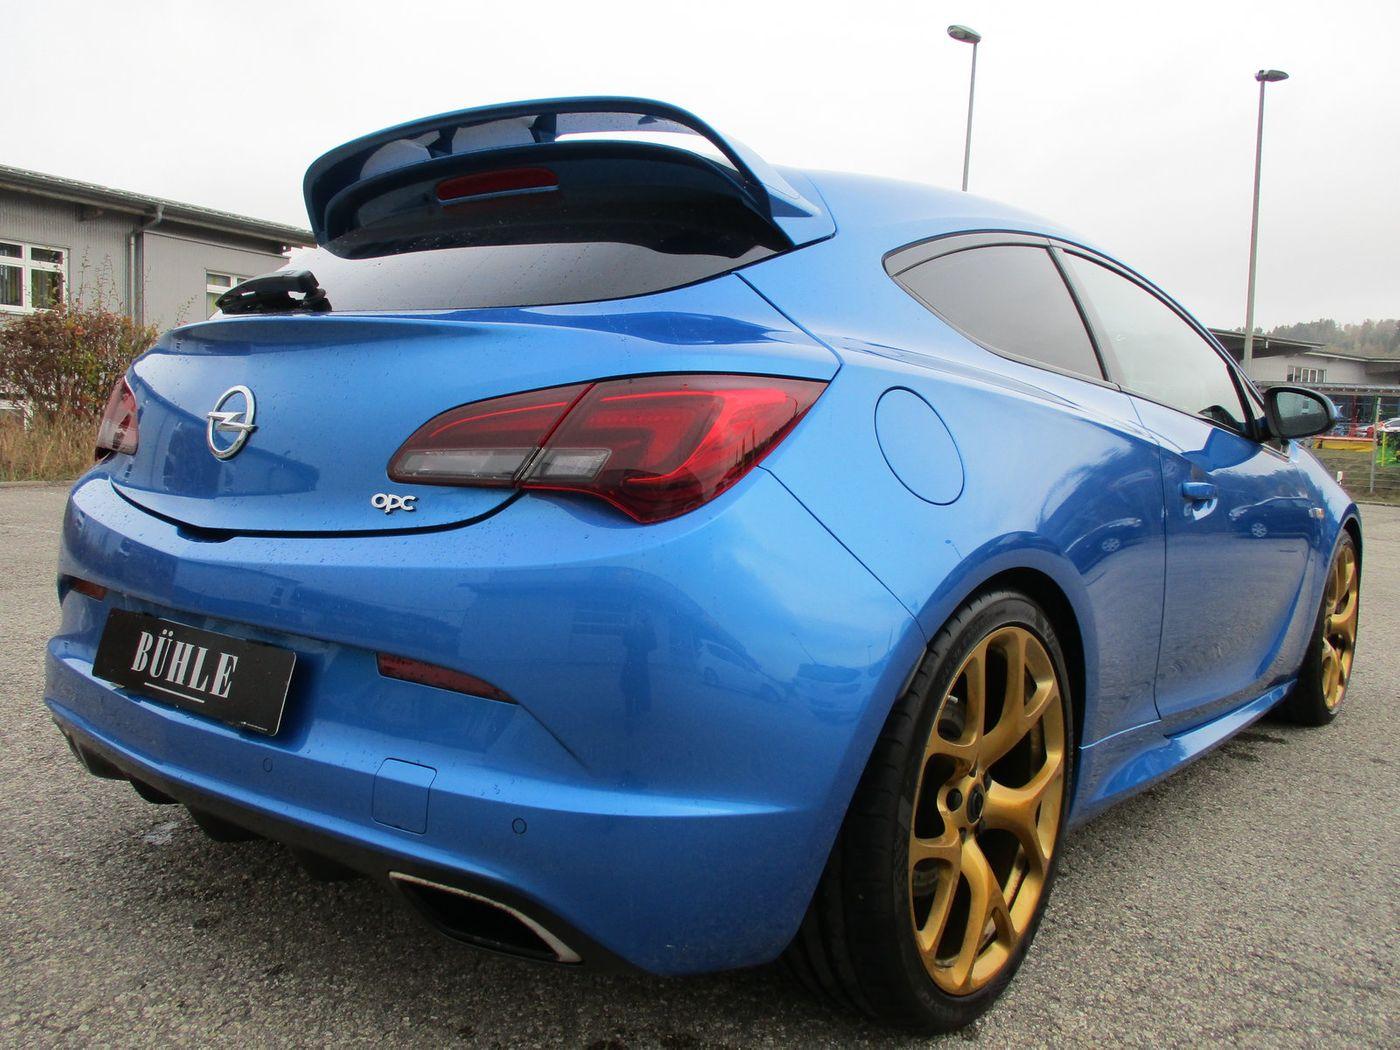 Opel Astra J Gtc Opc Soundsystem Sport Gebrauchtwagen Coupe